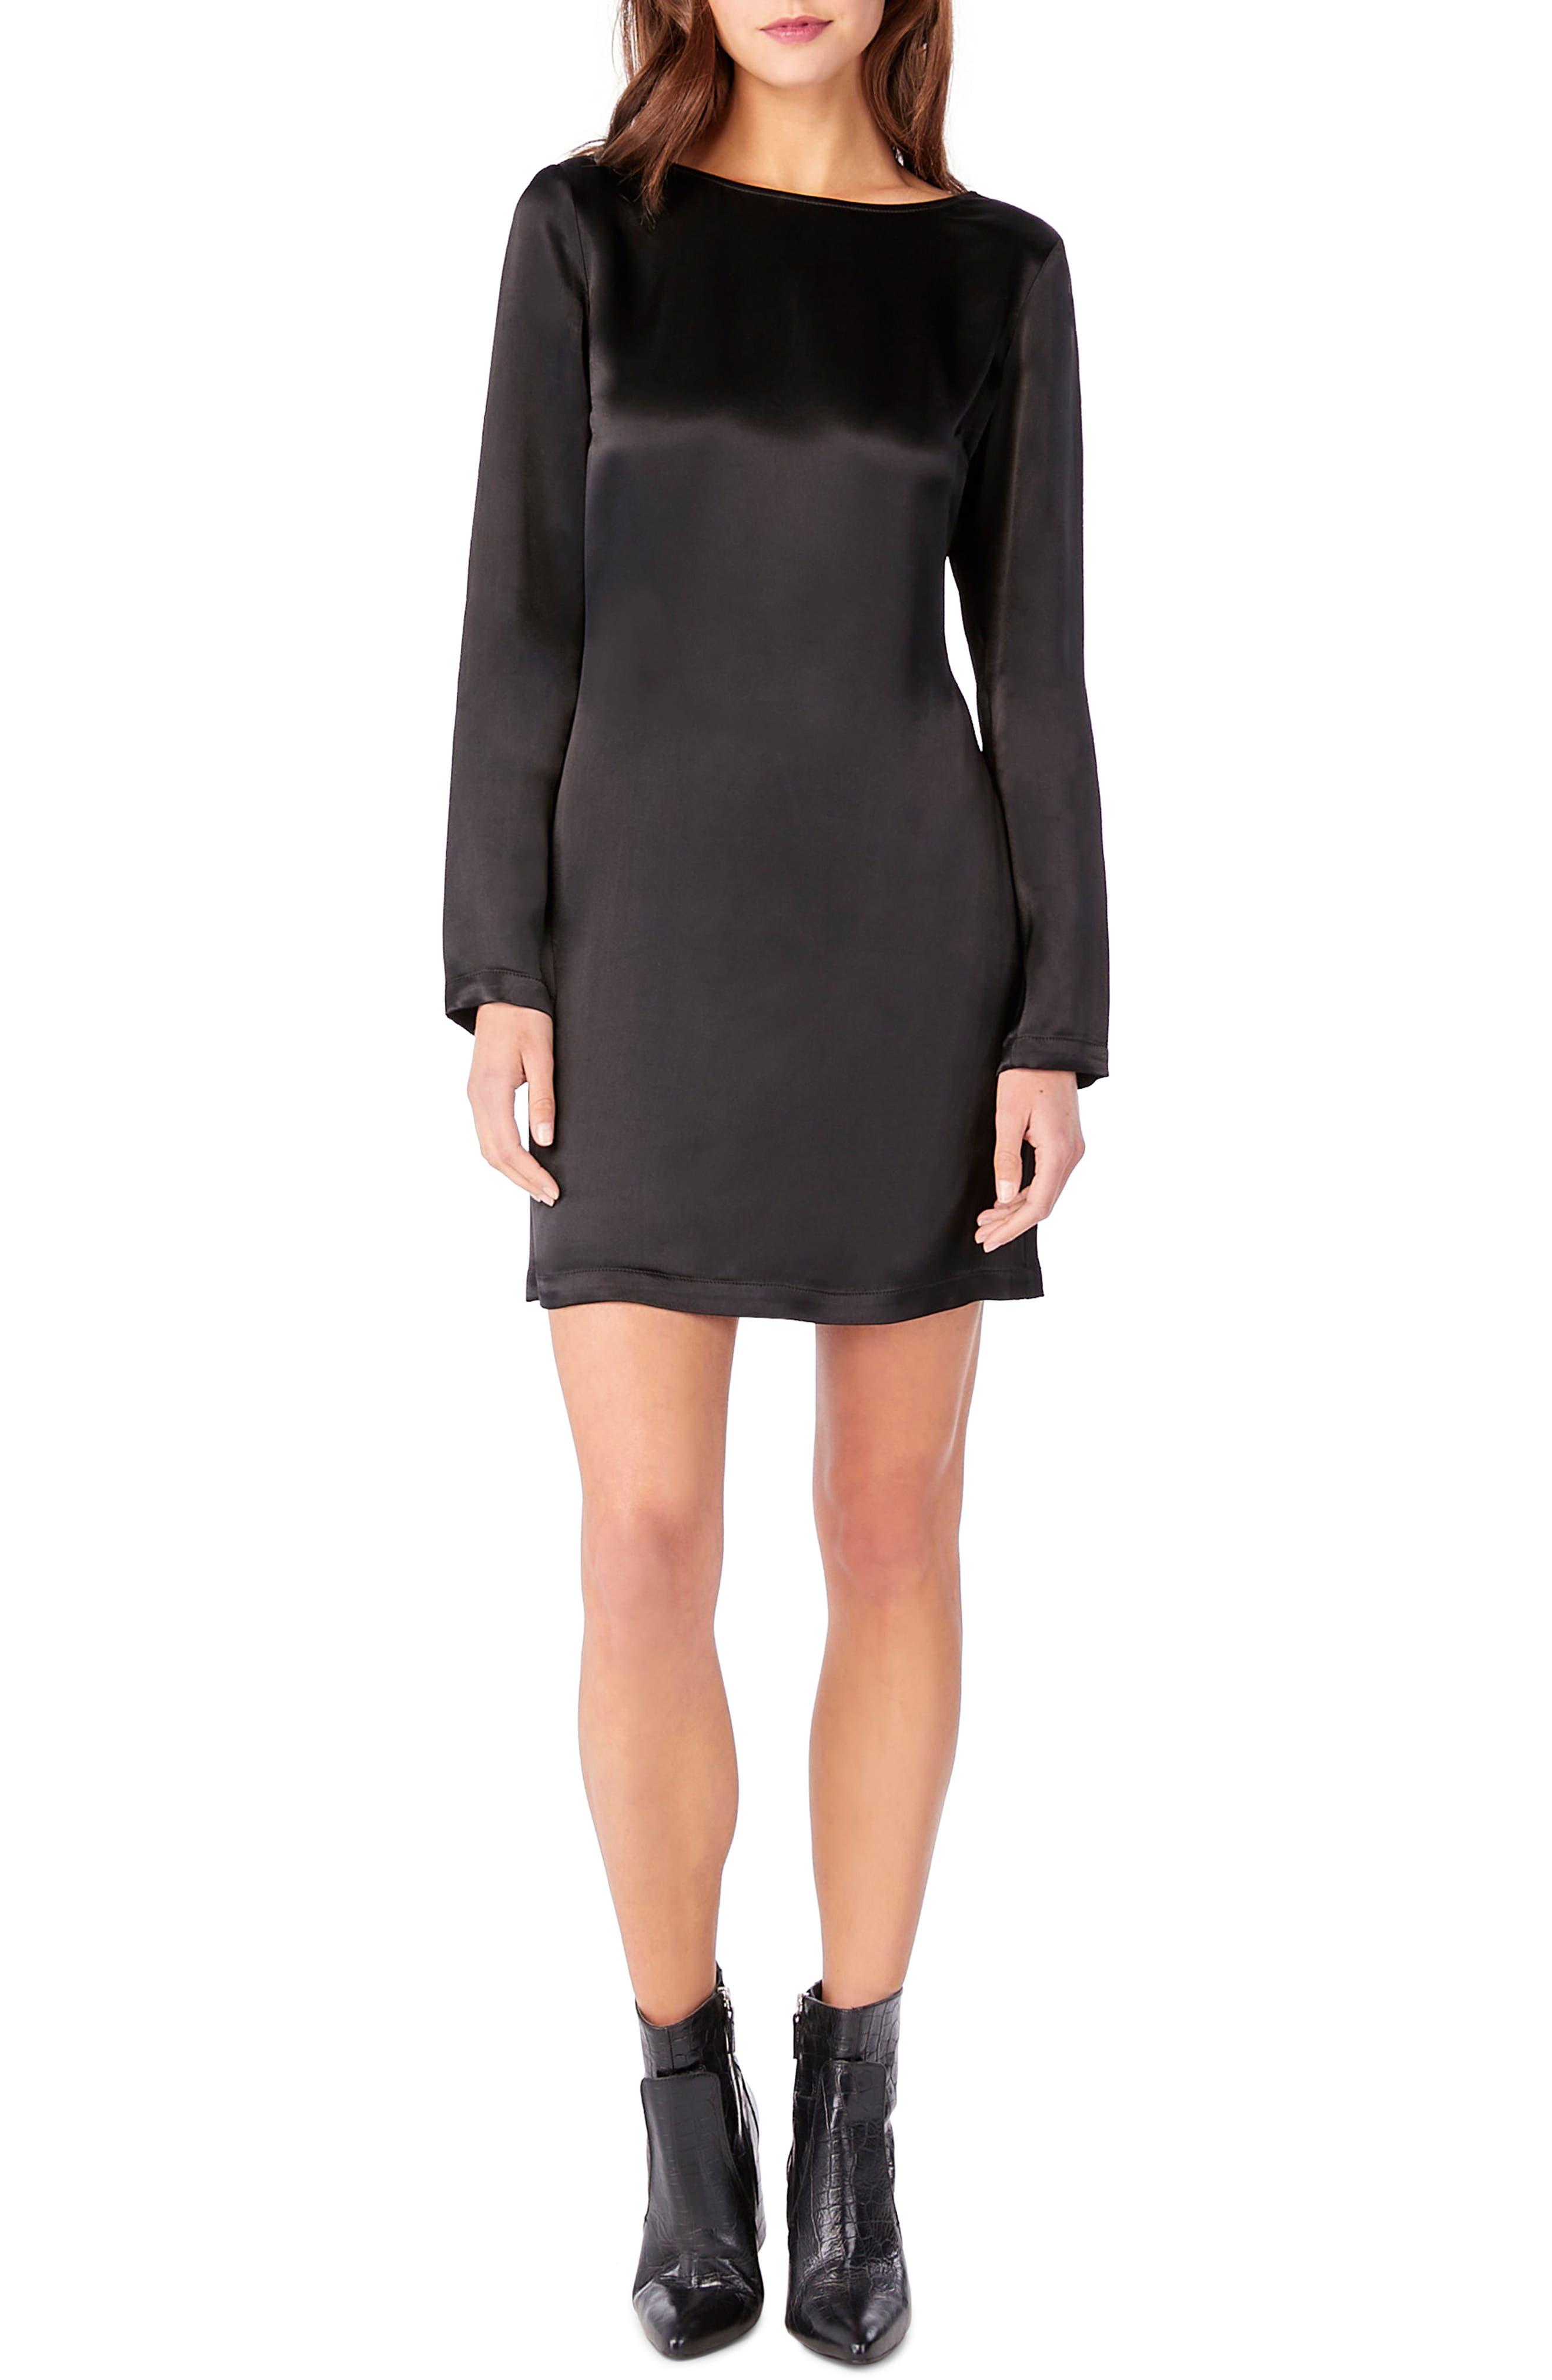 Lace Inset Surplice Back Shift Dress,                         Main,                         color, Black